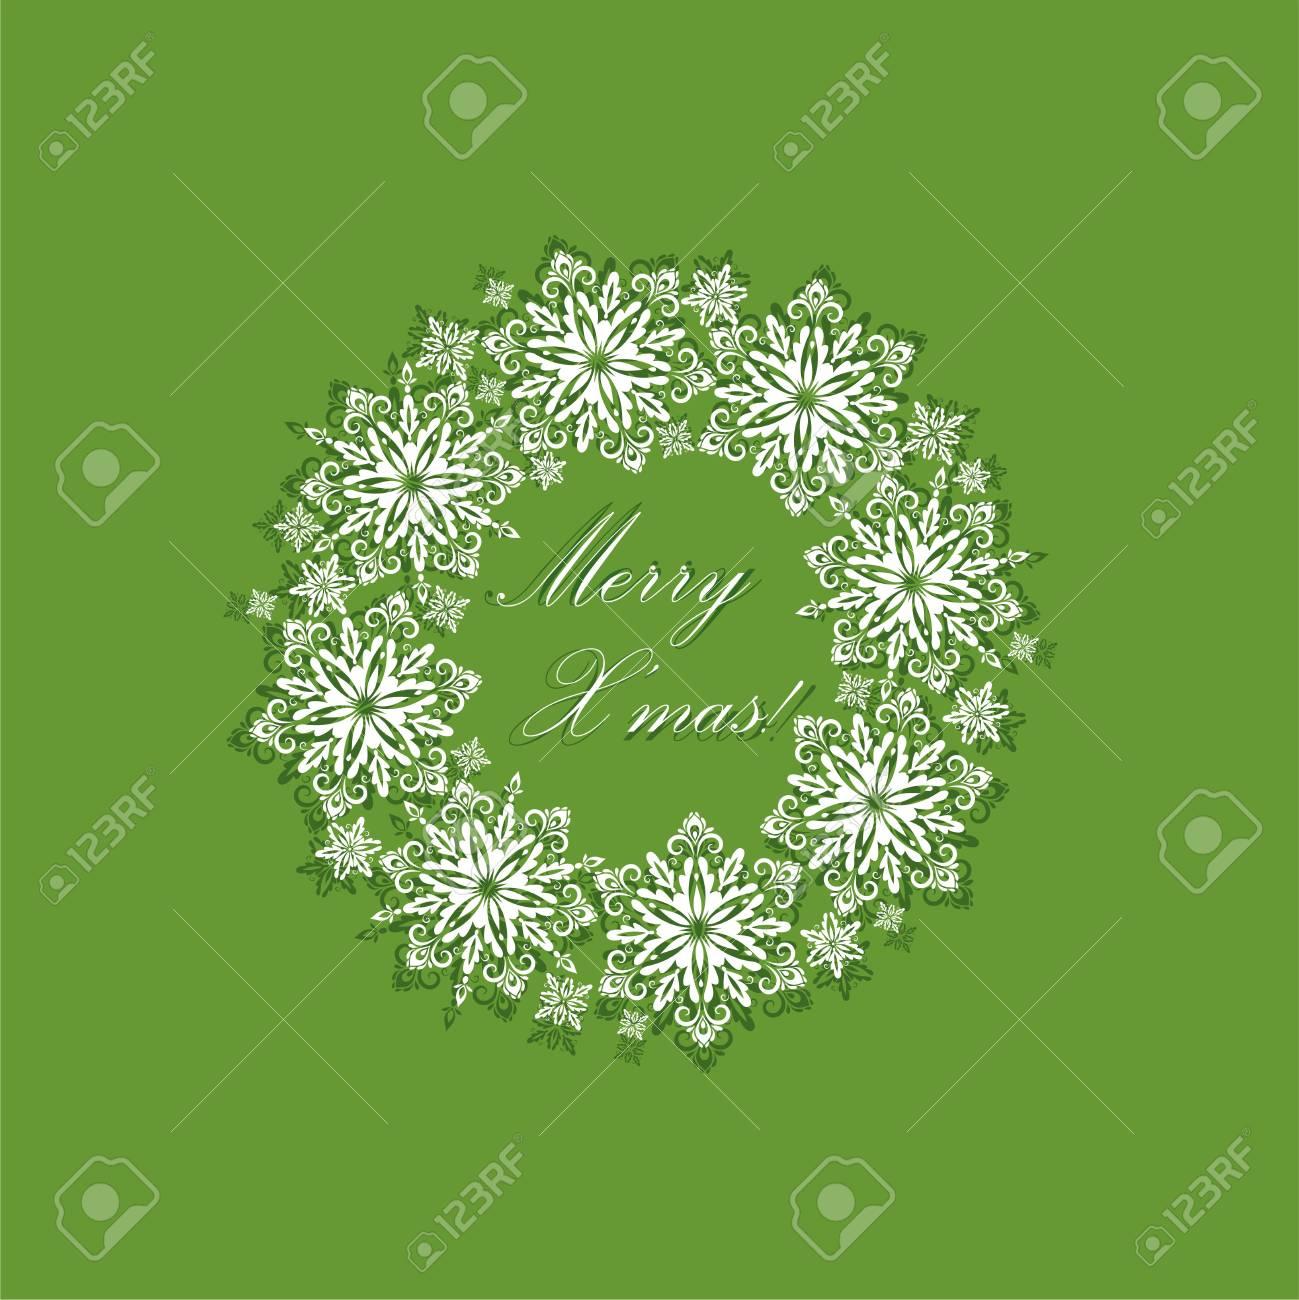 Gruß Grüne Weihnachtskarte Mit Papier Ausgeschnitten Dekorativen